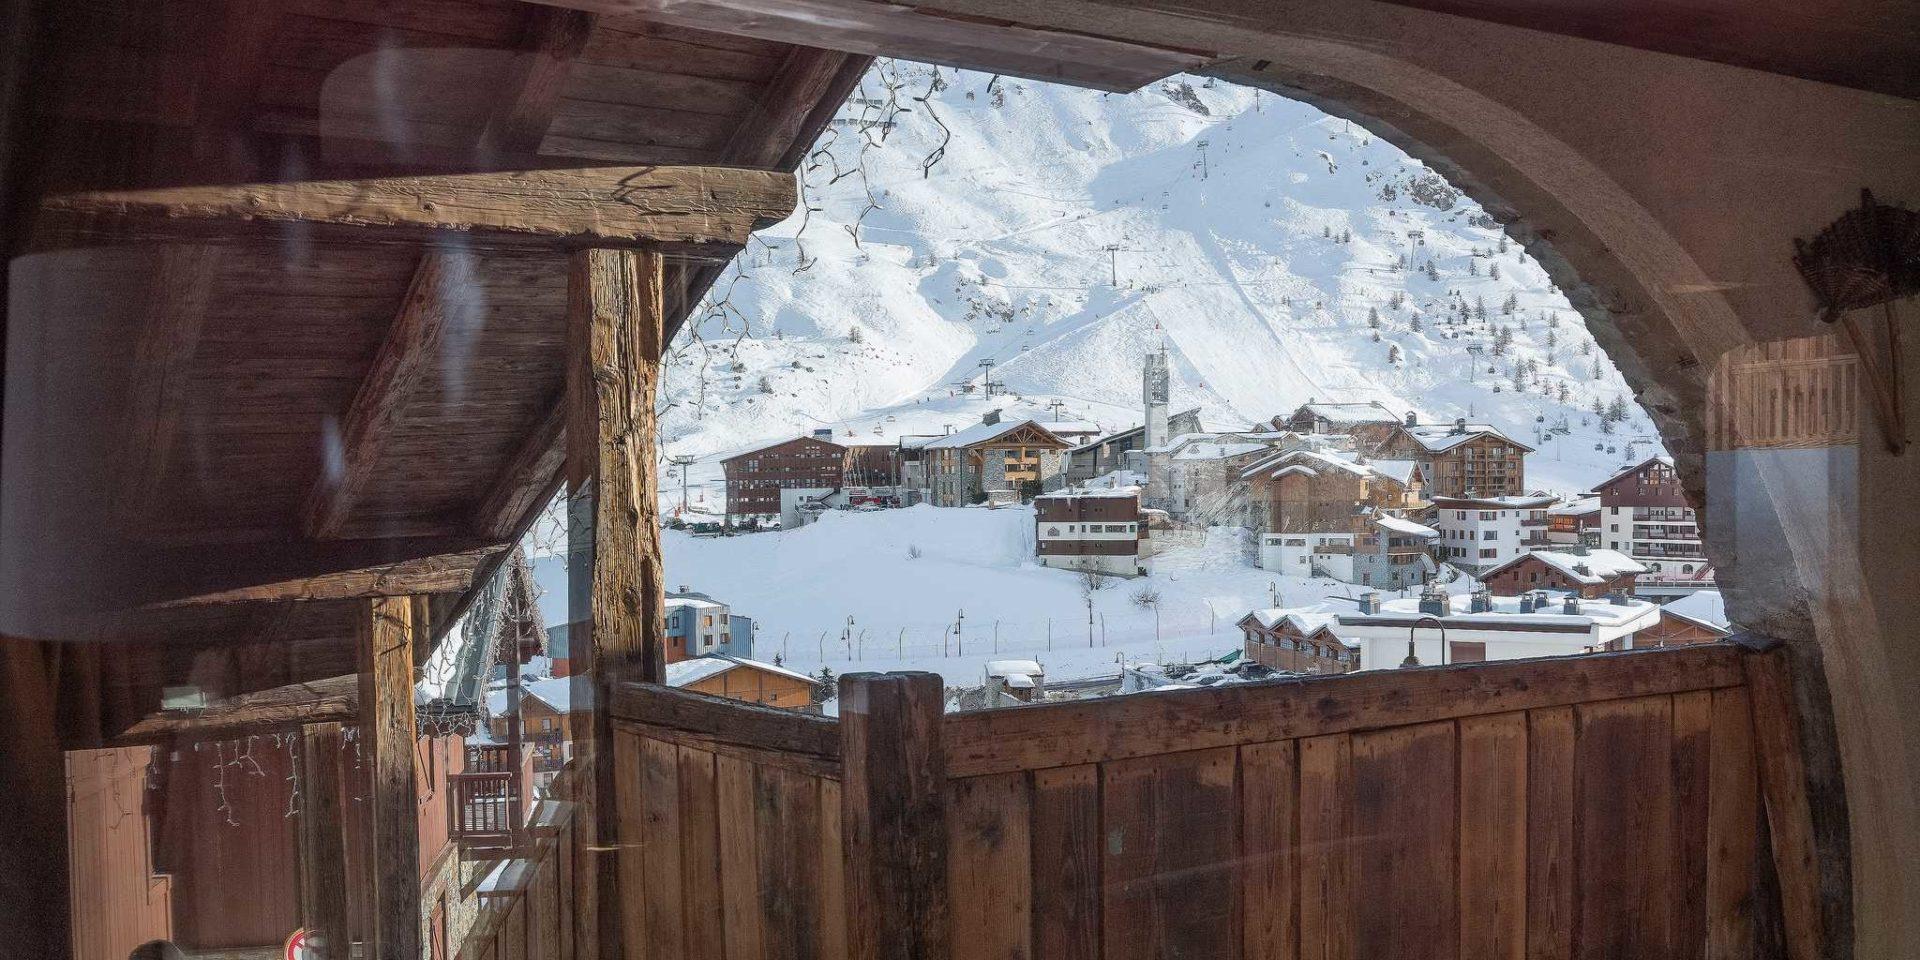 Hotel Village Montana Tignes Tignes-Val d'Isere Frankrijk wintersport skivakantie luxe uitzicht doorkijk dorp Tignes besneeuwde bergen sneeuw